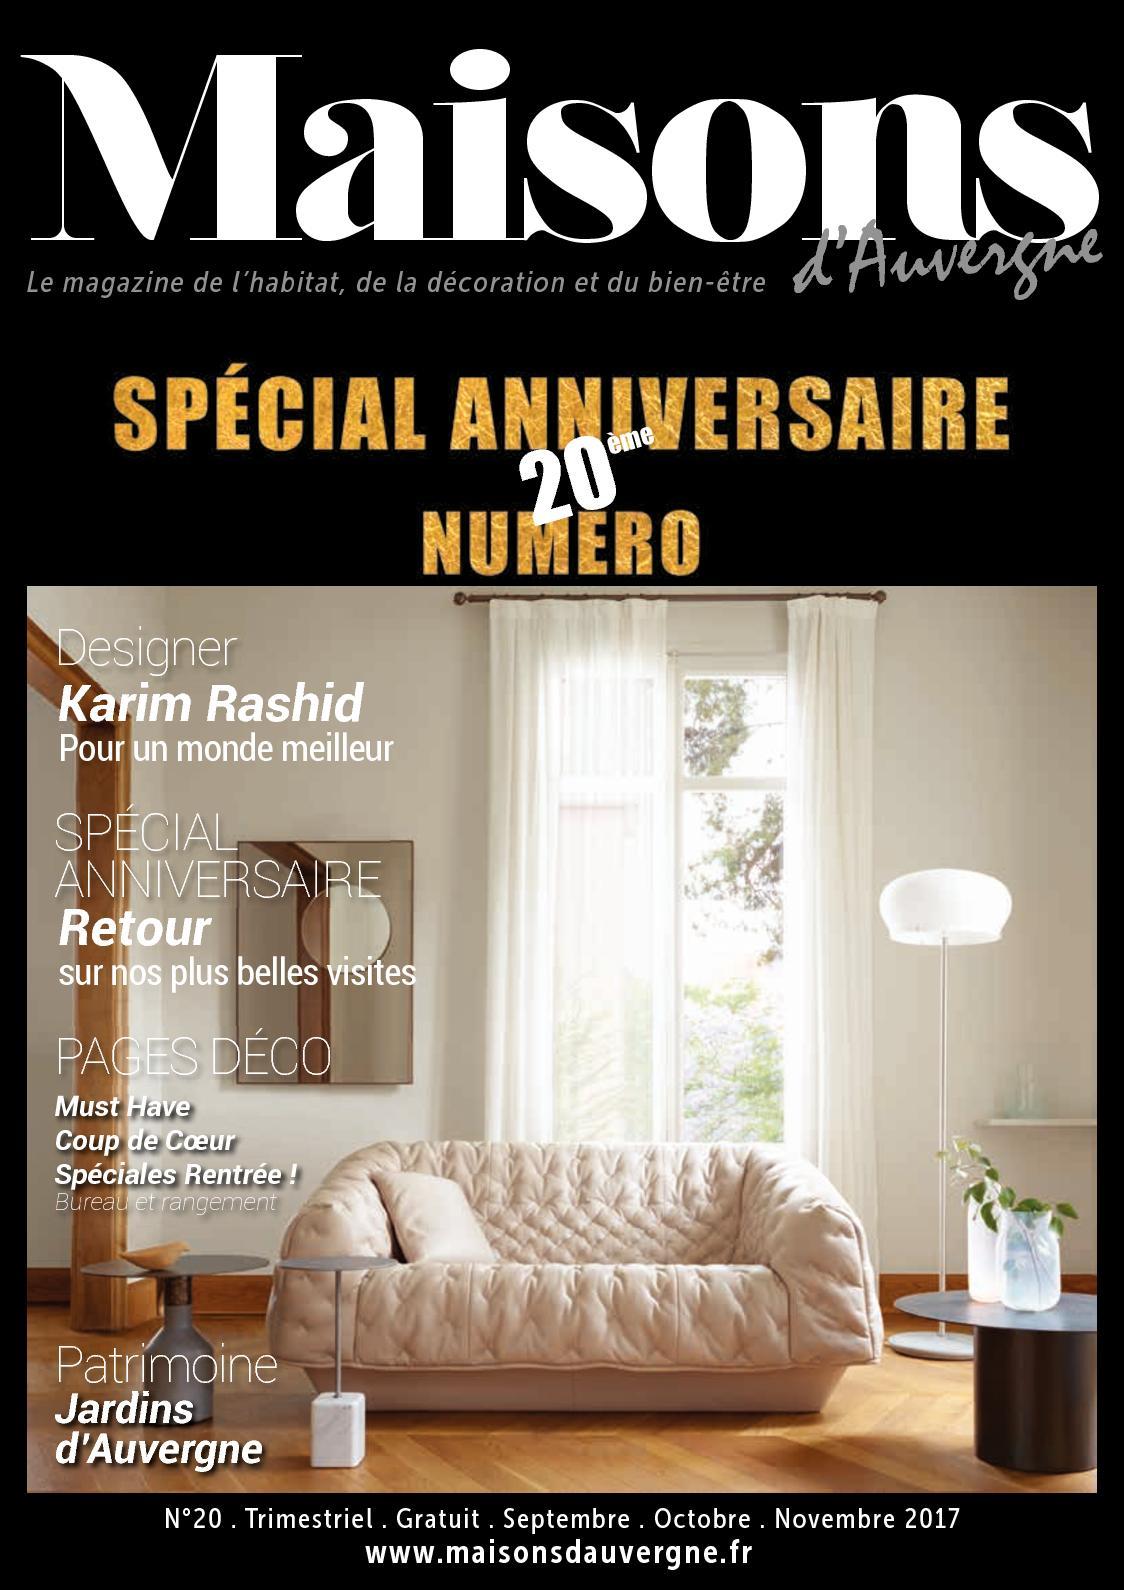 Salon De Jardin Empilable Génial Calaméo Maisons D Auvergne N°20 Numero Special 5 Ans Of 37 Charmant Salon De Jardin Empilable